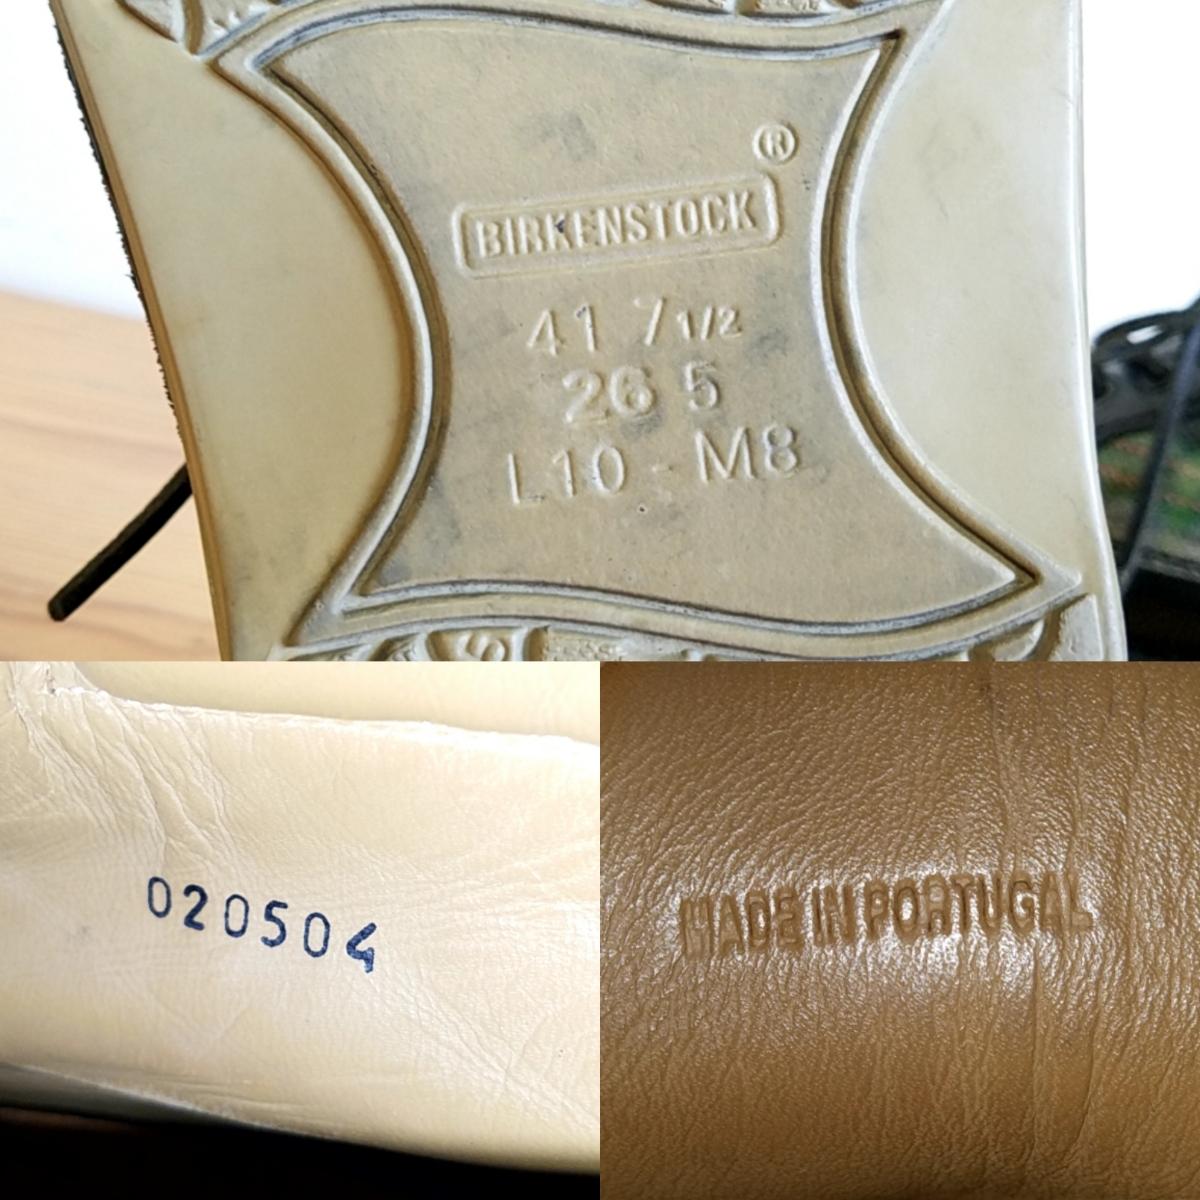 421◆ビルケンシュトック BIRKENSTOCK フットプリンツ footprints パサデナ ハイ size 41 26.5cm 黒×緑 チェック柄 中古 USED_画像8